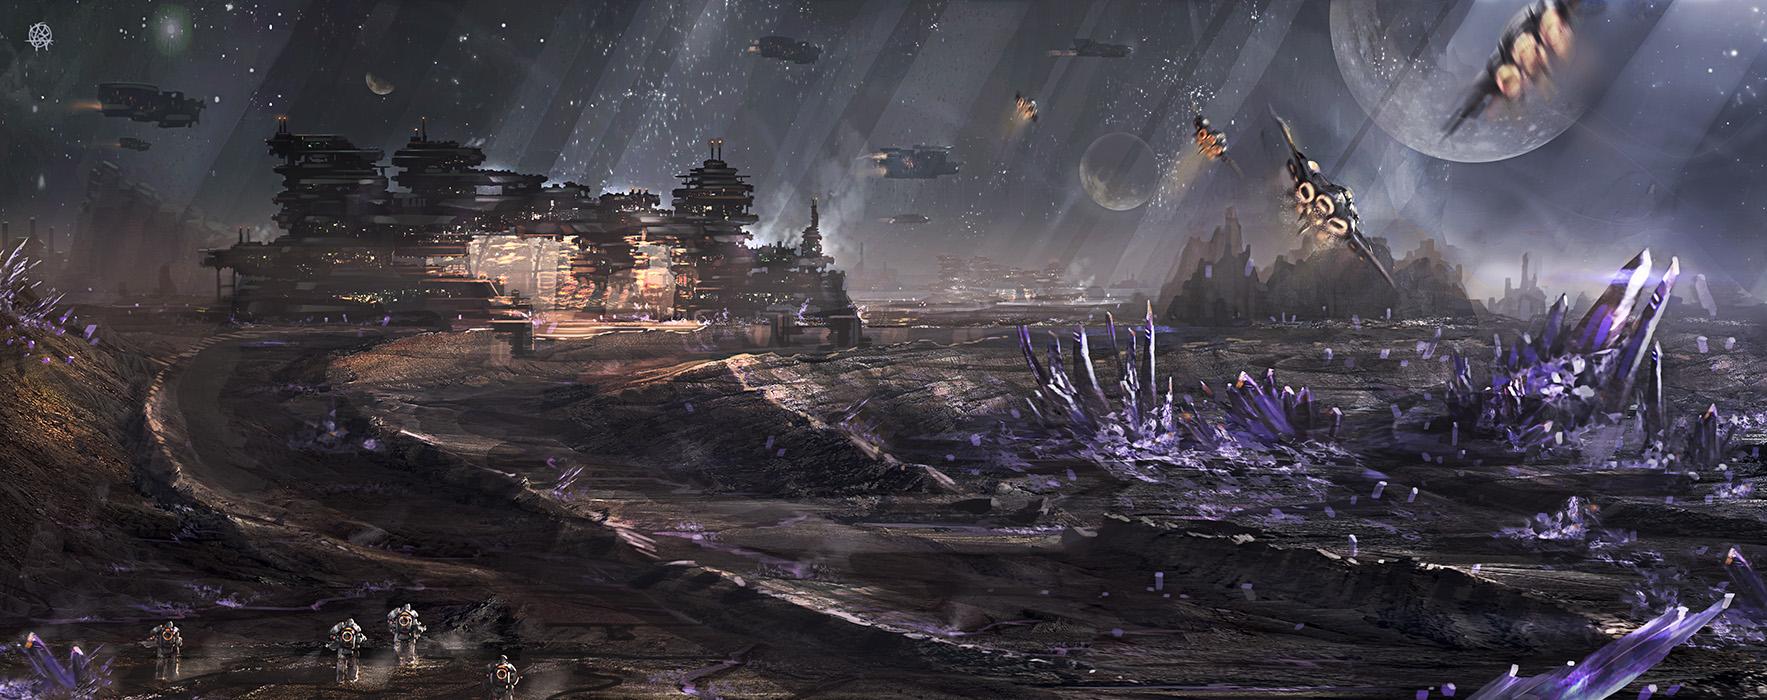 alien-world.jpg